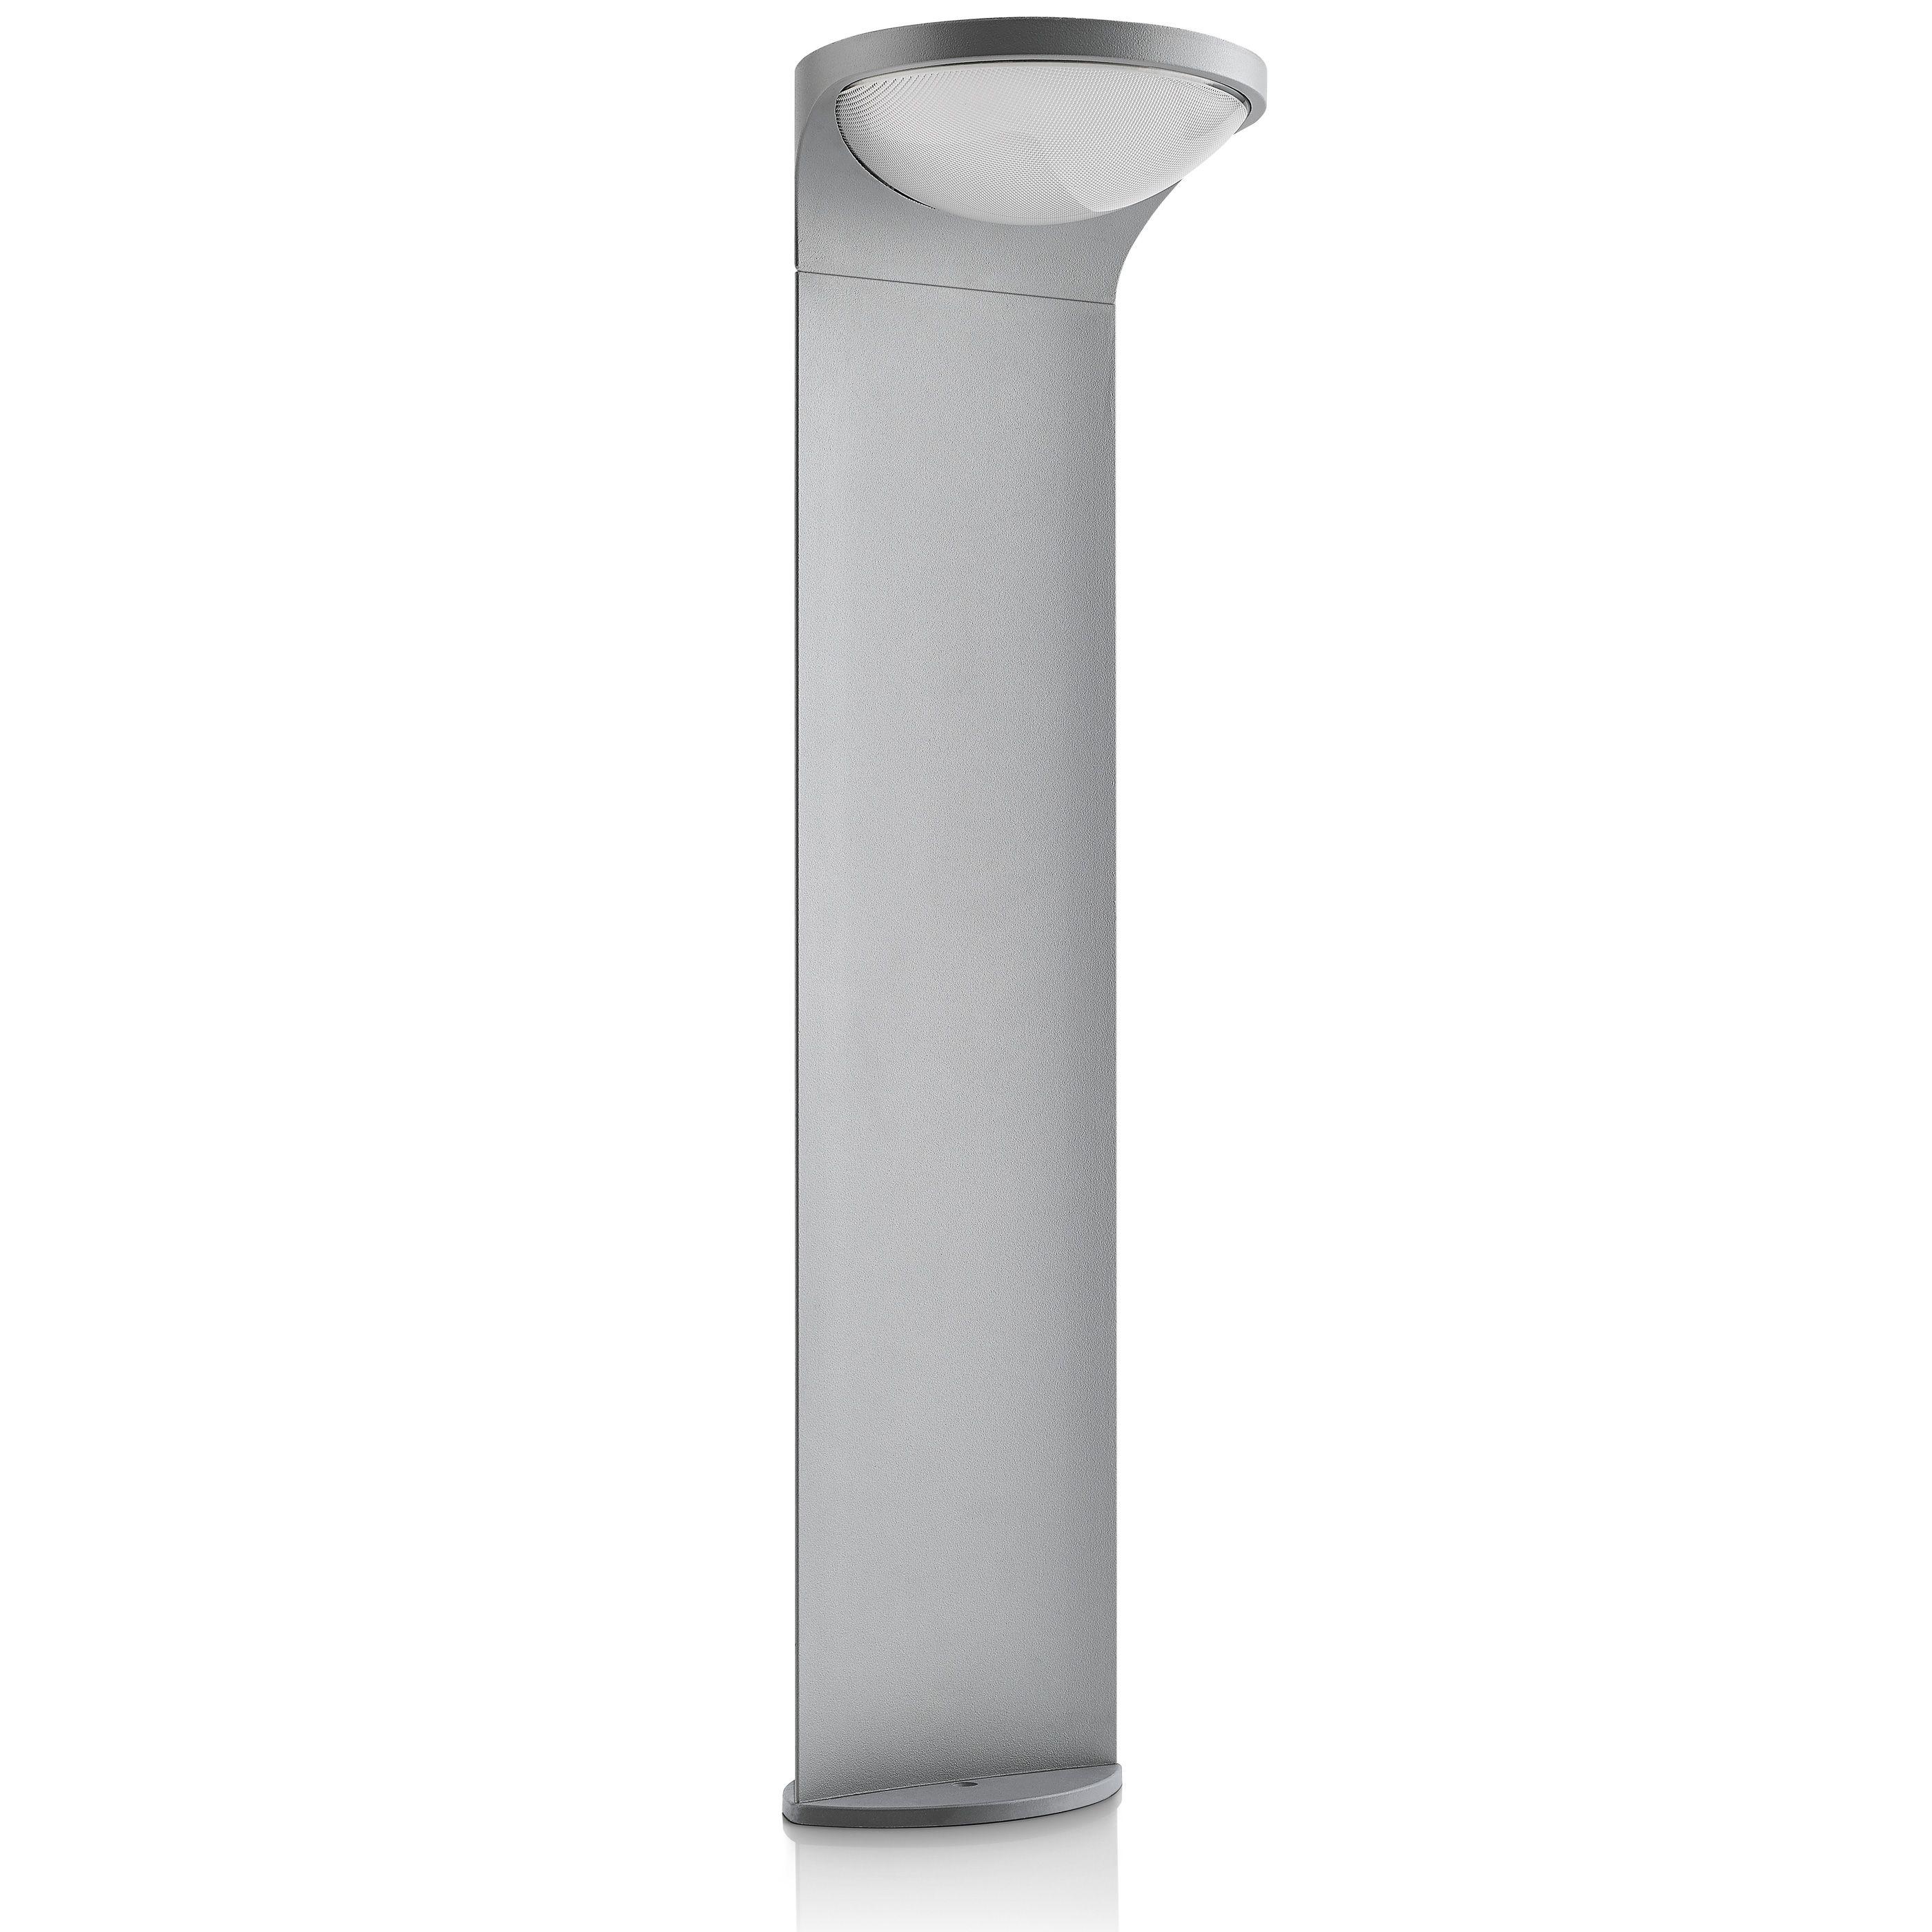 Philips Dusk buitenlamp sokkel grijs